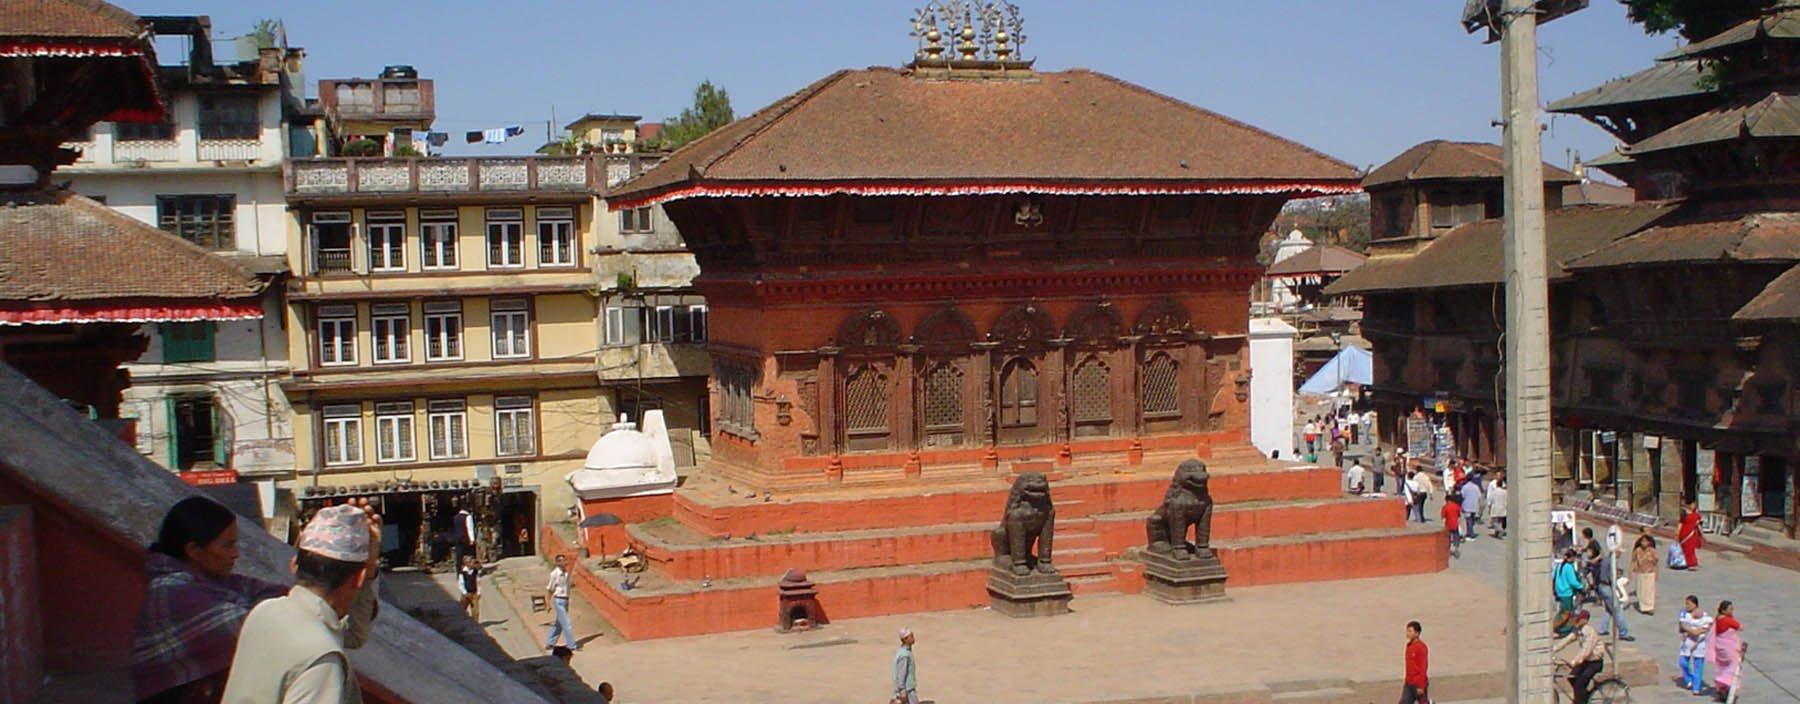 np, kathmandu, durbar square ktm (2).jpg